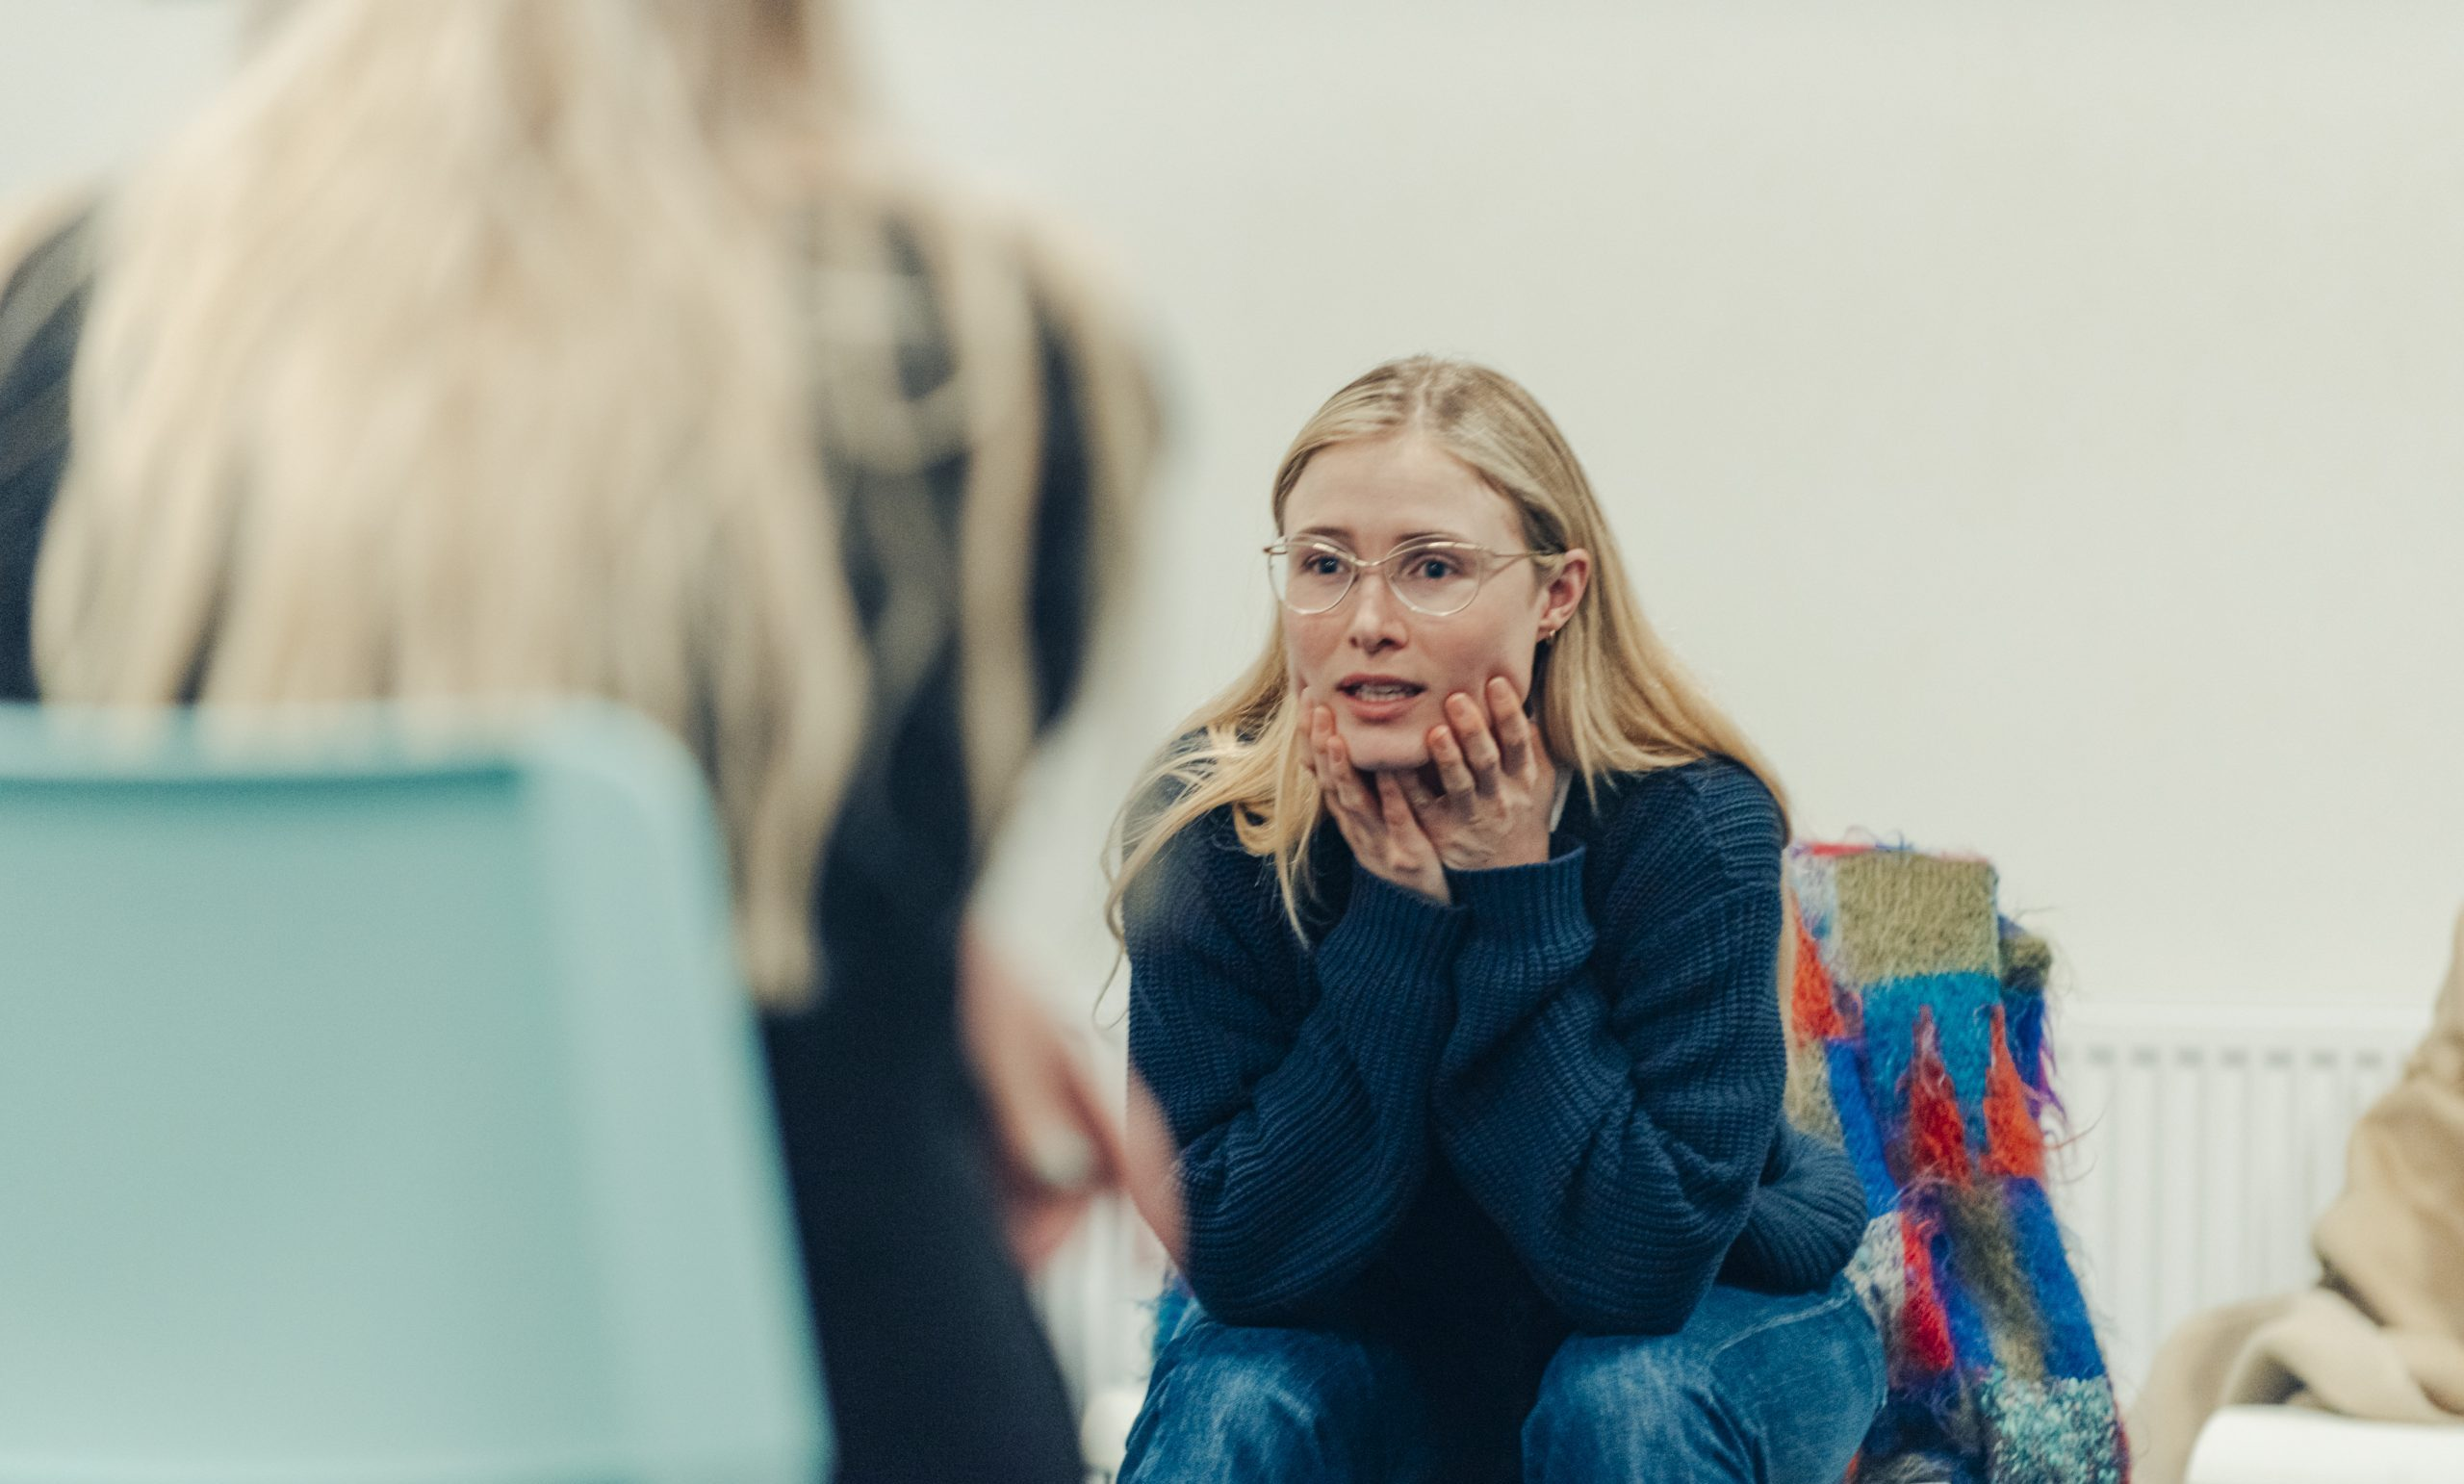 Huilen, angst, boosheid en blijdschap, van klein naar groot in de les van Sigrid ten Napel